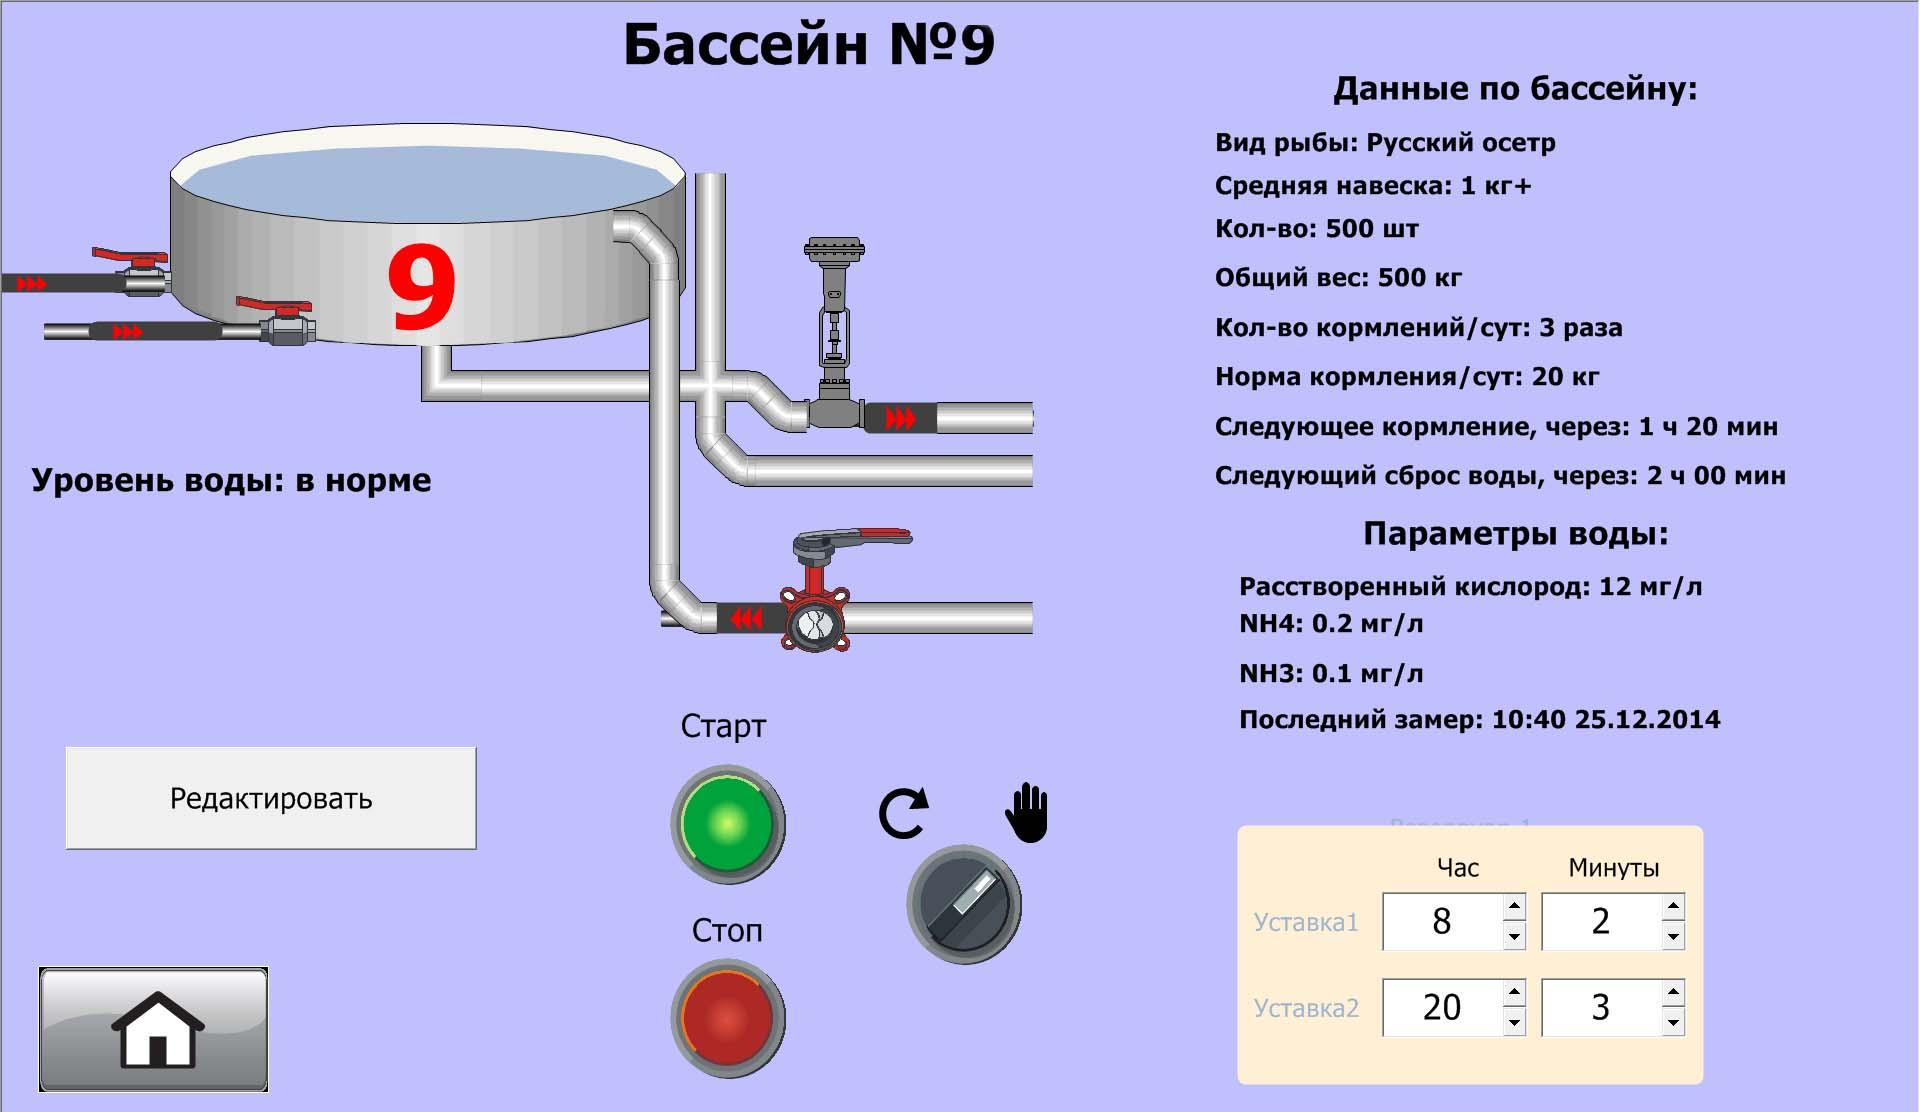 Как сделать кислородный конус для узв 134